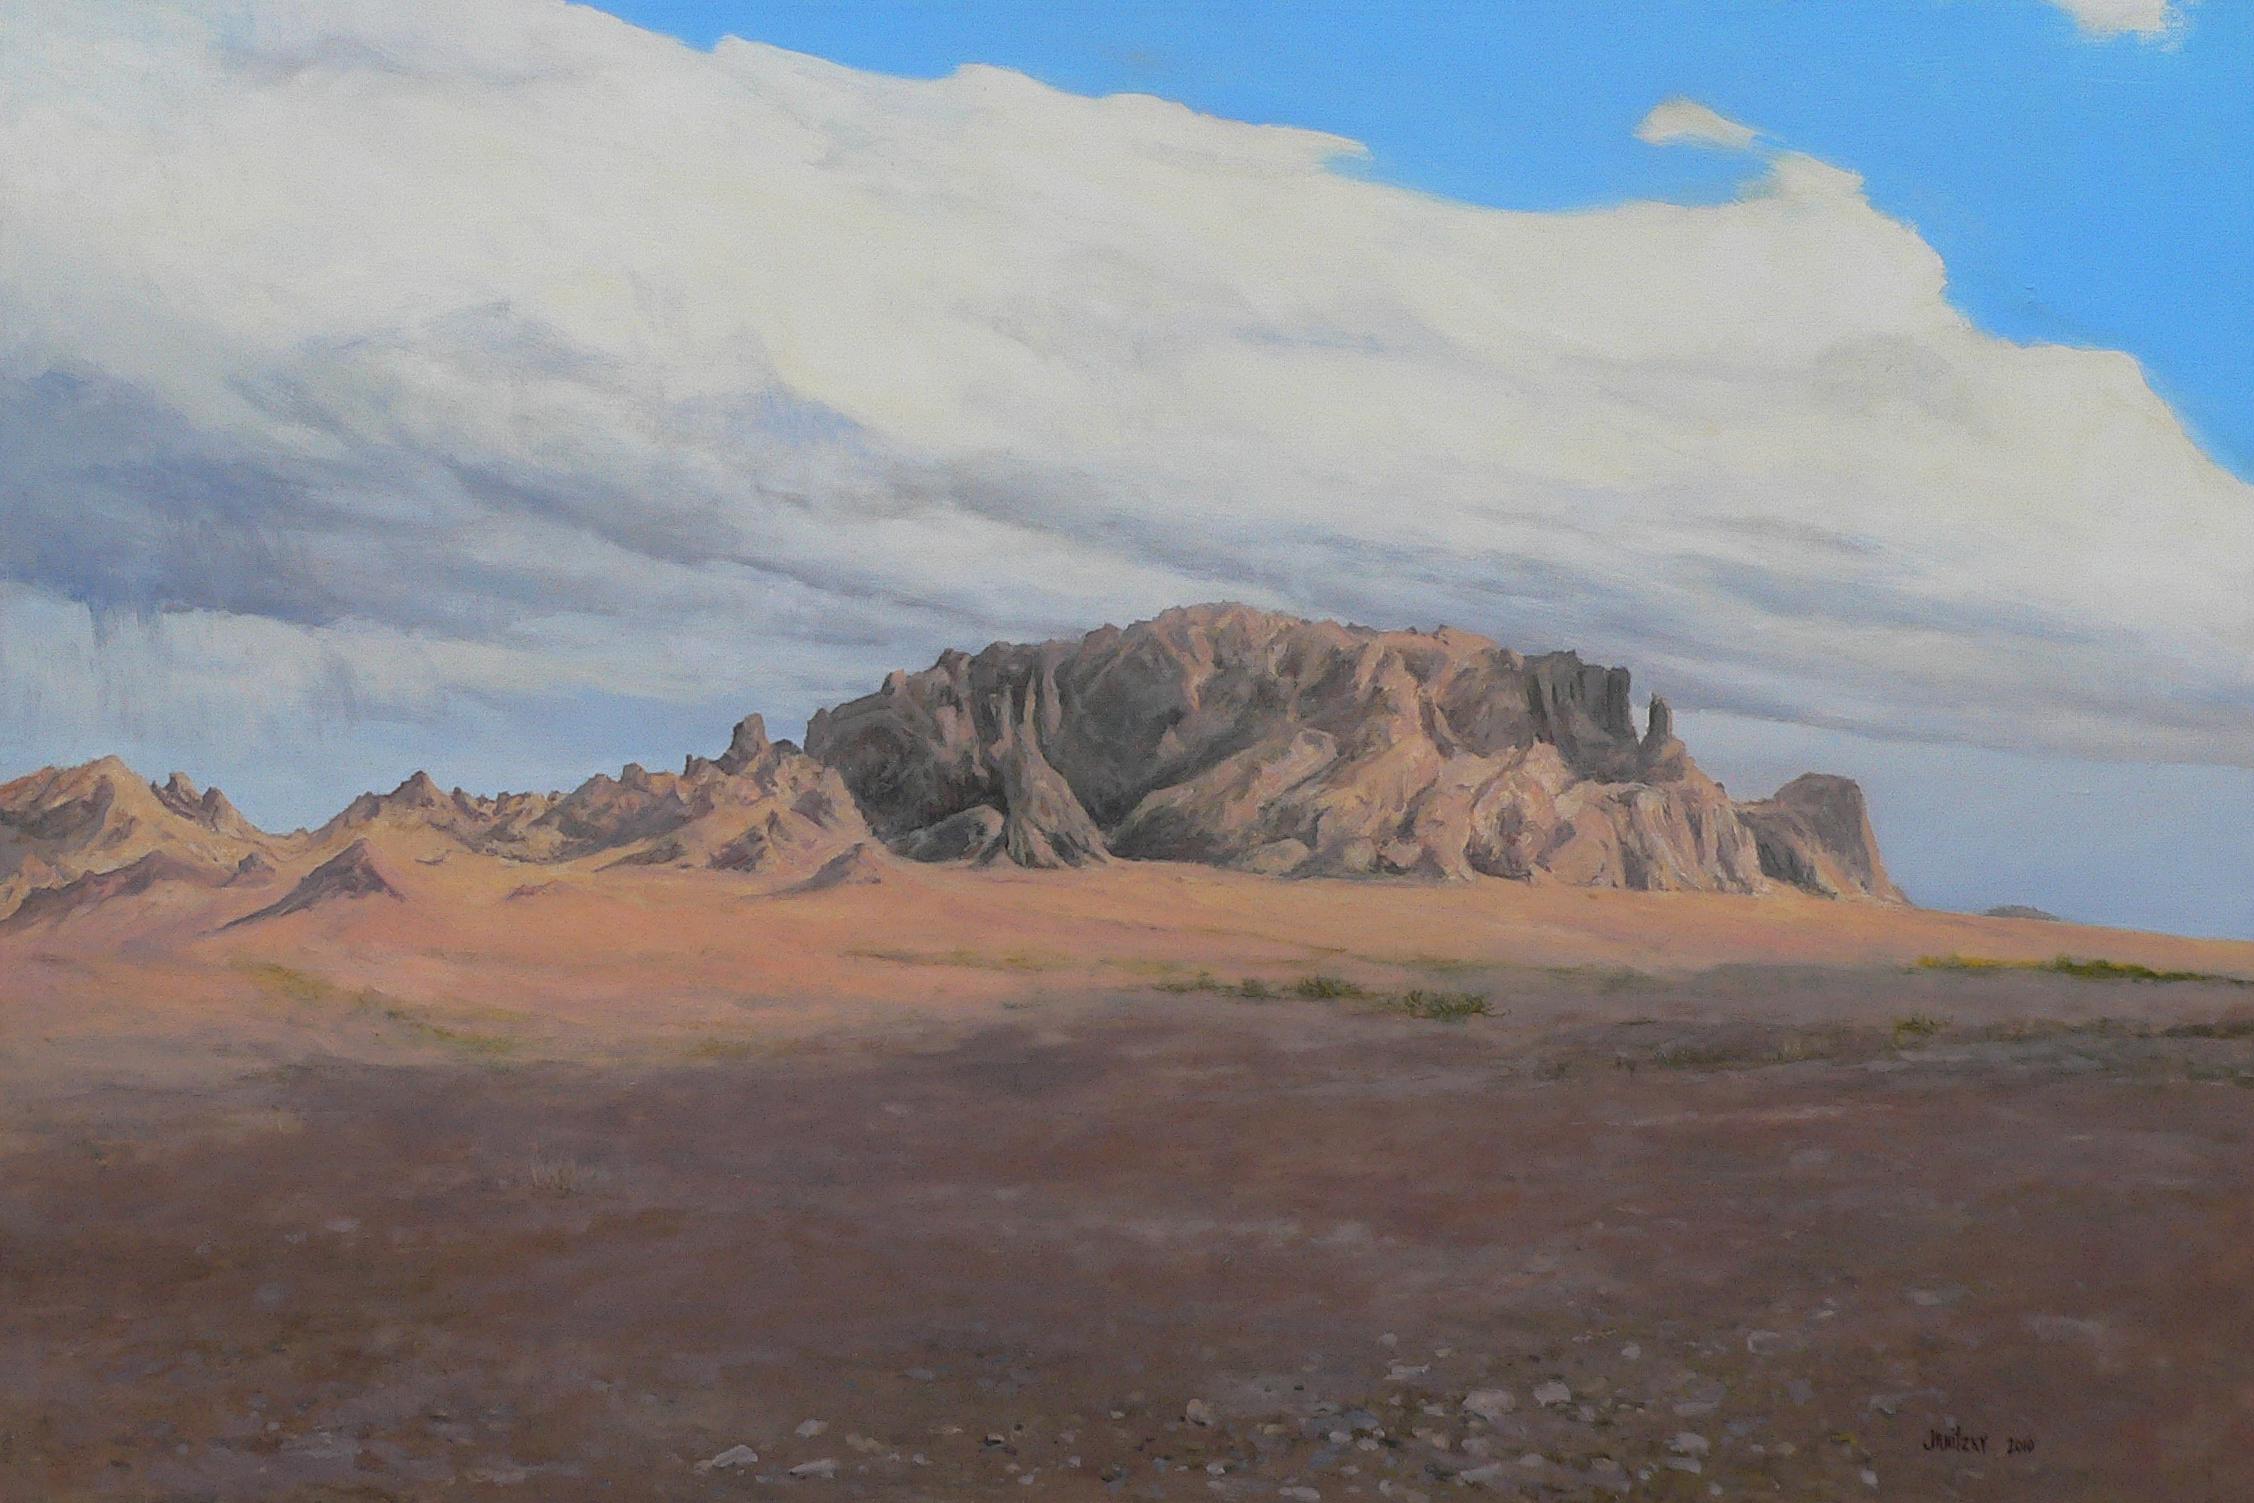 Approaching Kofa Mountains.